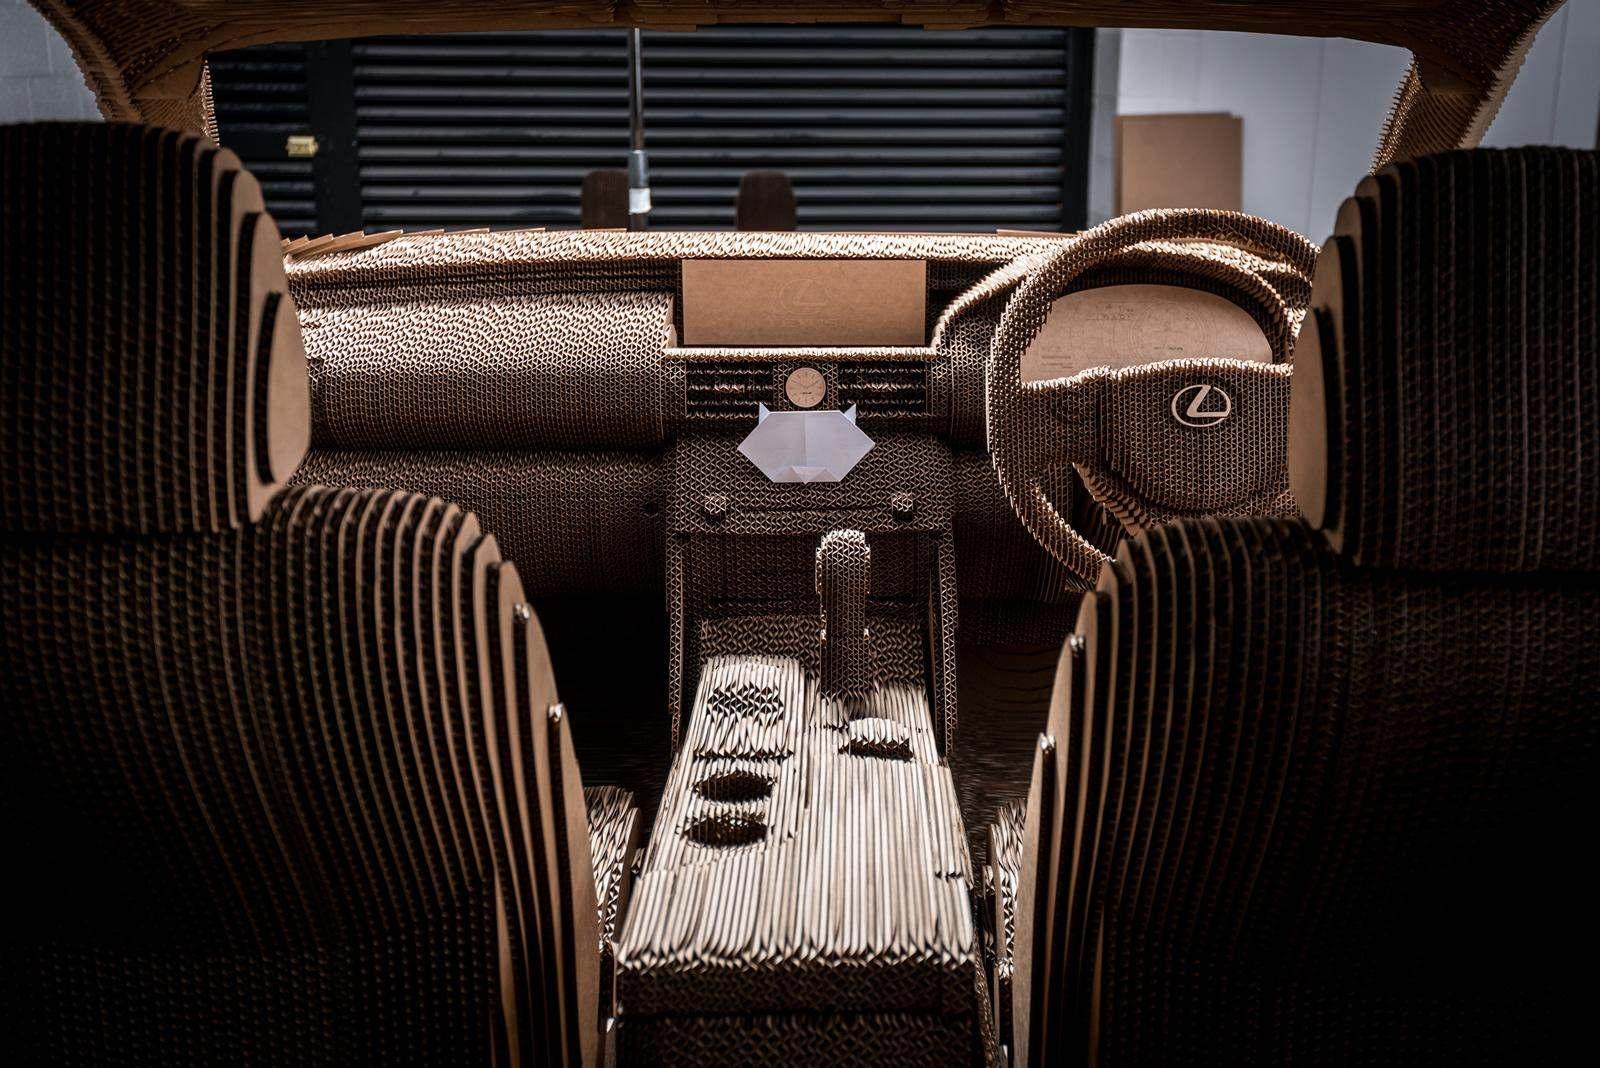 [Image: S0-Lexus-devoile-une-IS-roulante-en-carton-363722.jpg]